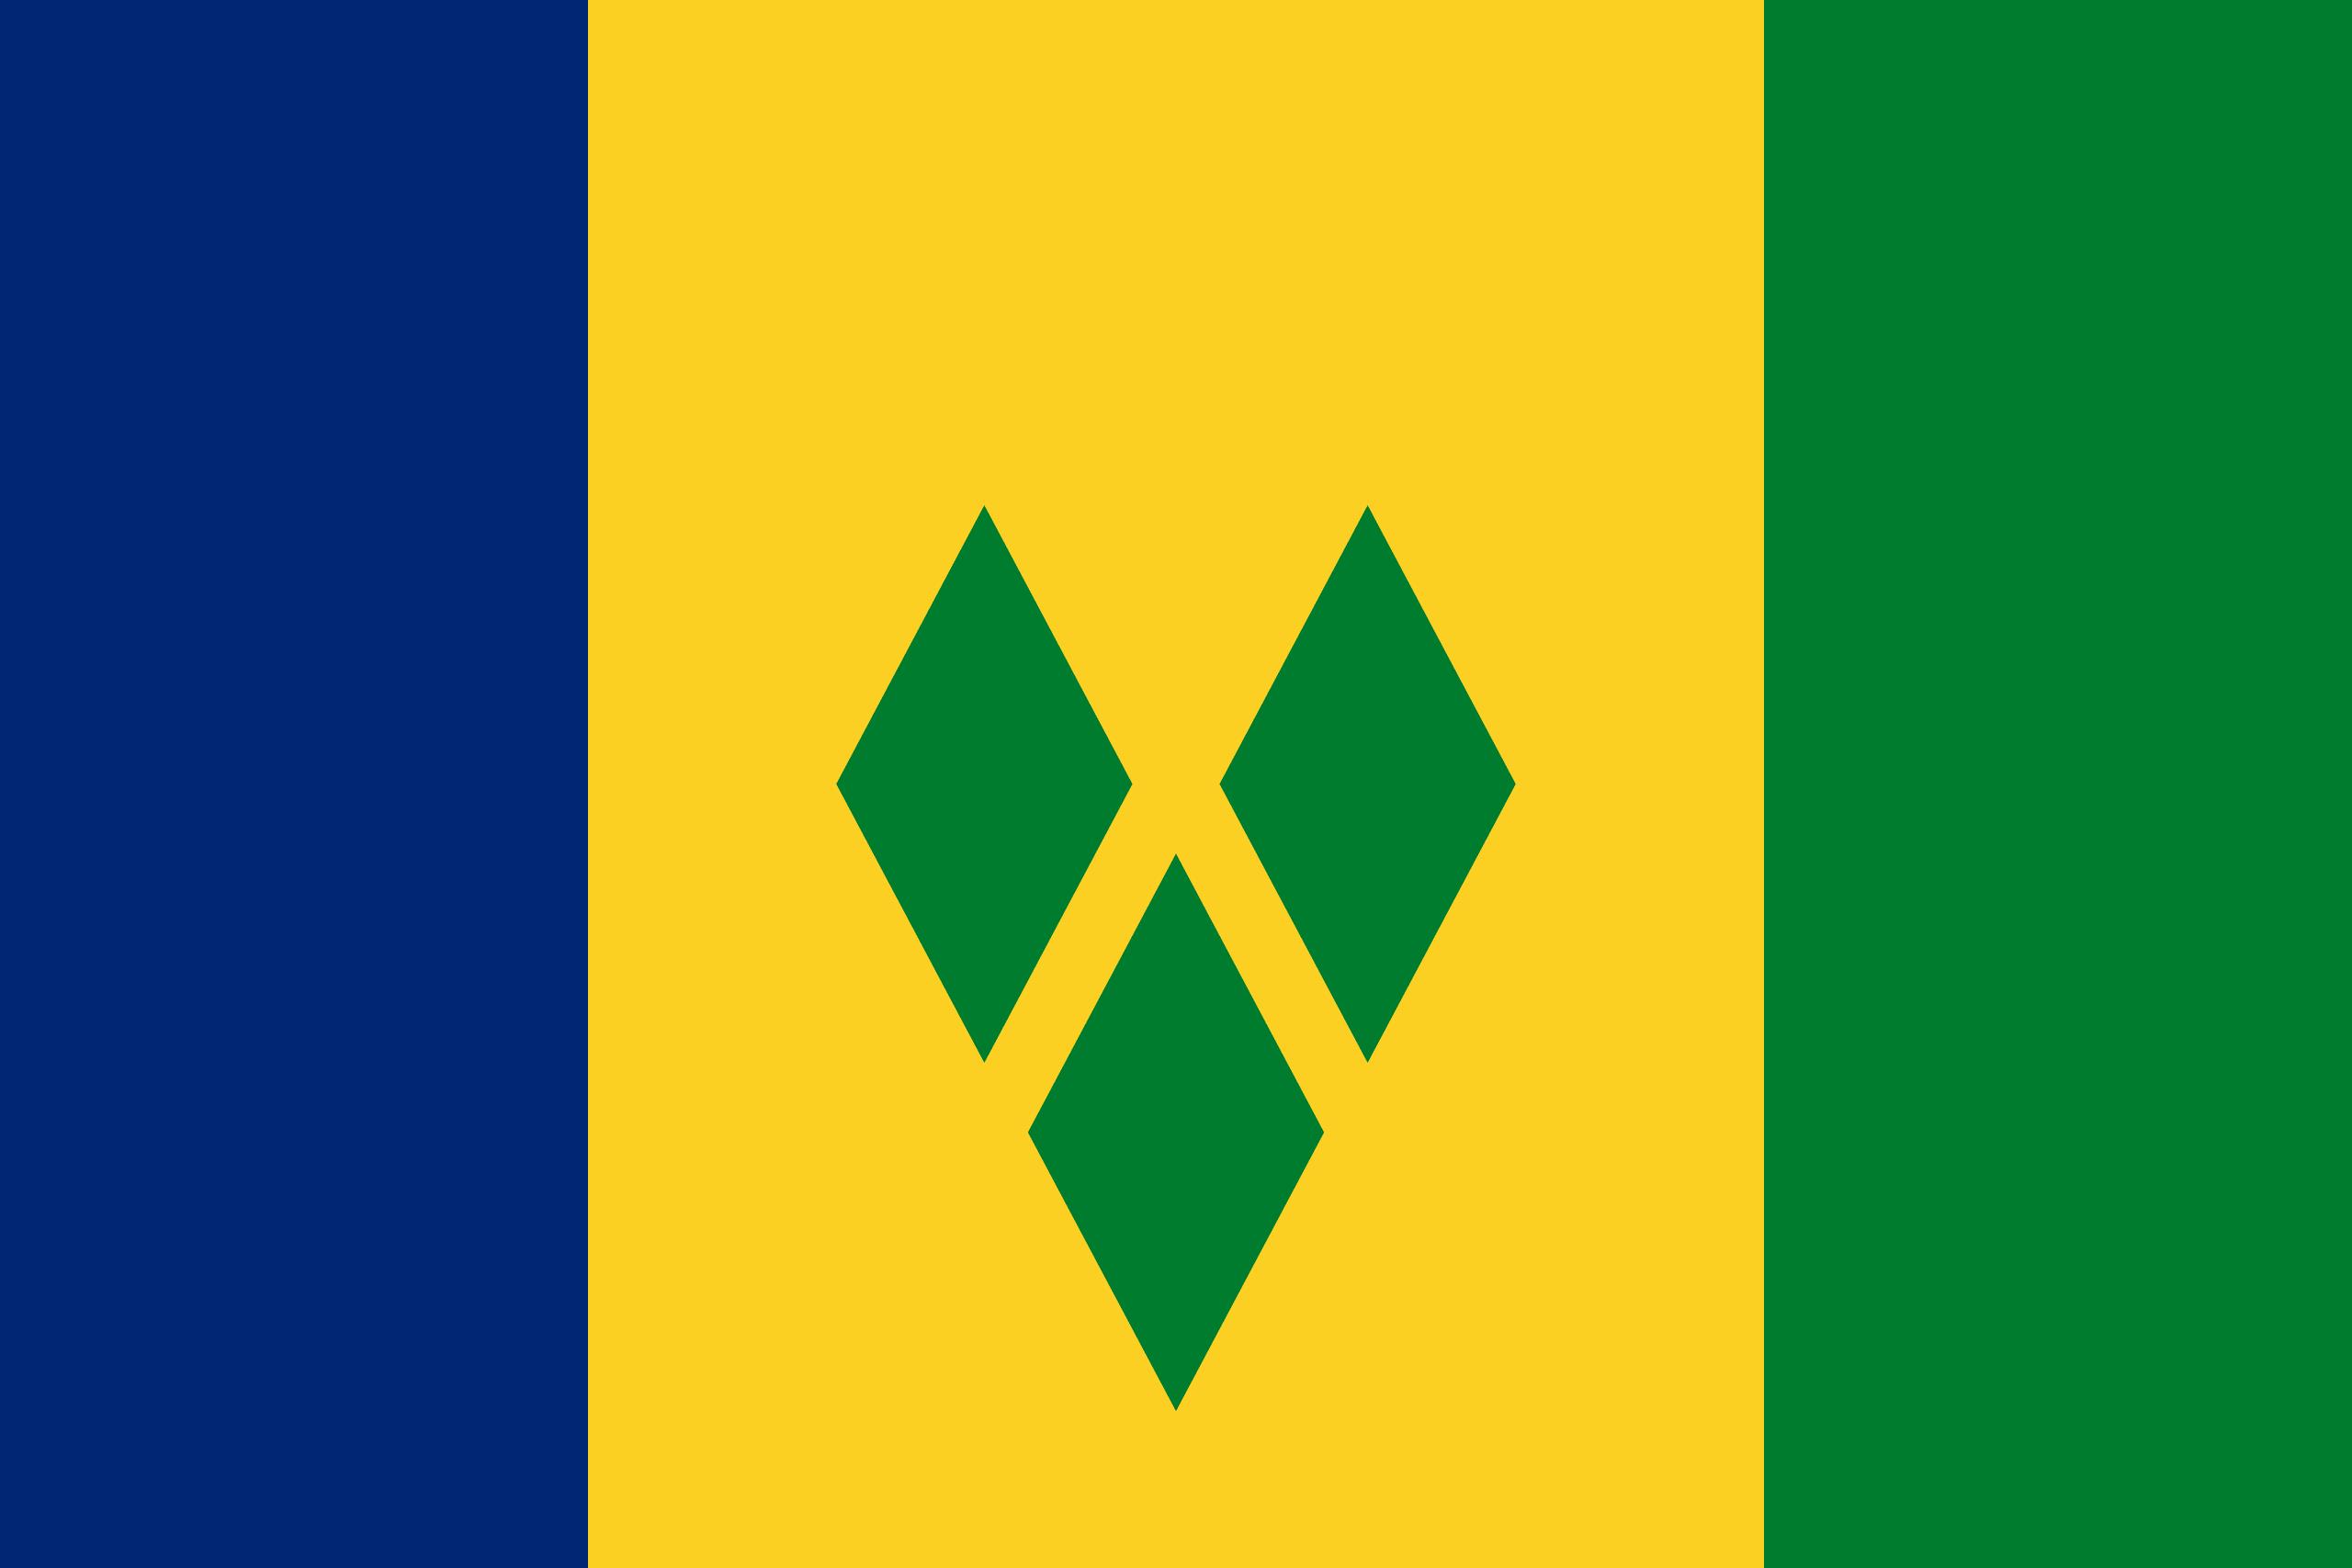 Saint Vincent ve Grenadinler'in Başkenti ve Para Birimi Nedir? Saint Vincent ve Grenadinler'in Bayrağı Nasıldır?